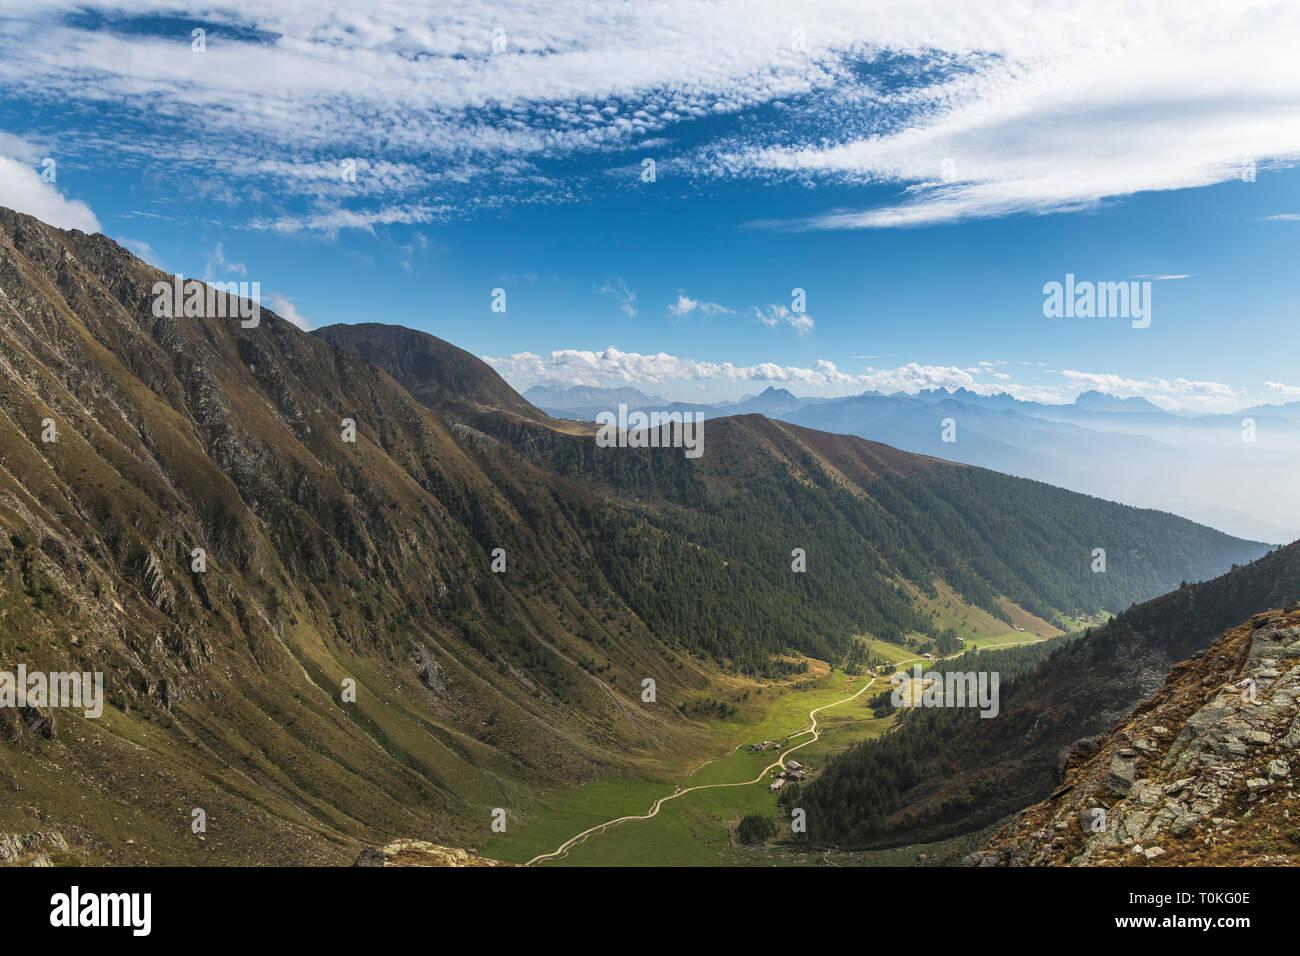 Randonnée à la Seefeldspitze, vue de la Groupe Langkofel, la société Valser Pfunderer Tal, Montagnes, Alpes de Zillertal, Tyrol du Sud, Italie Banque D'Images